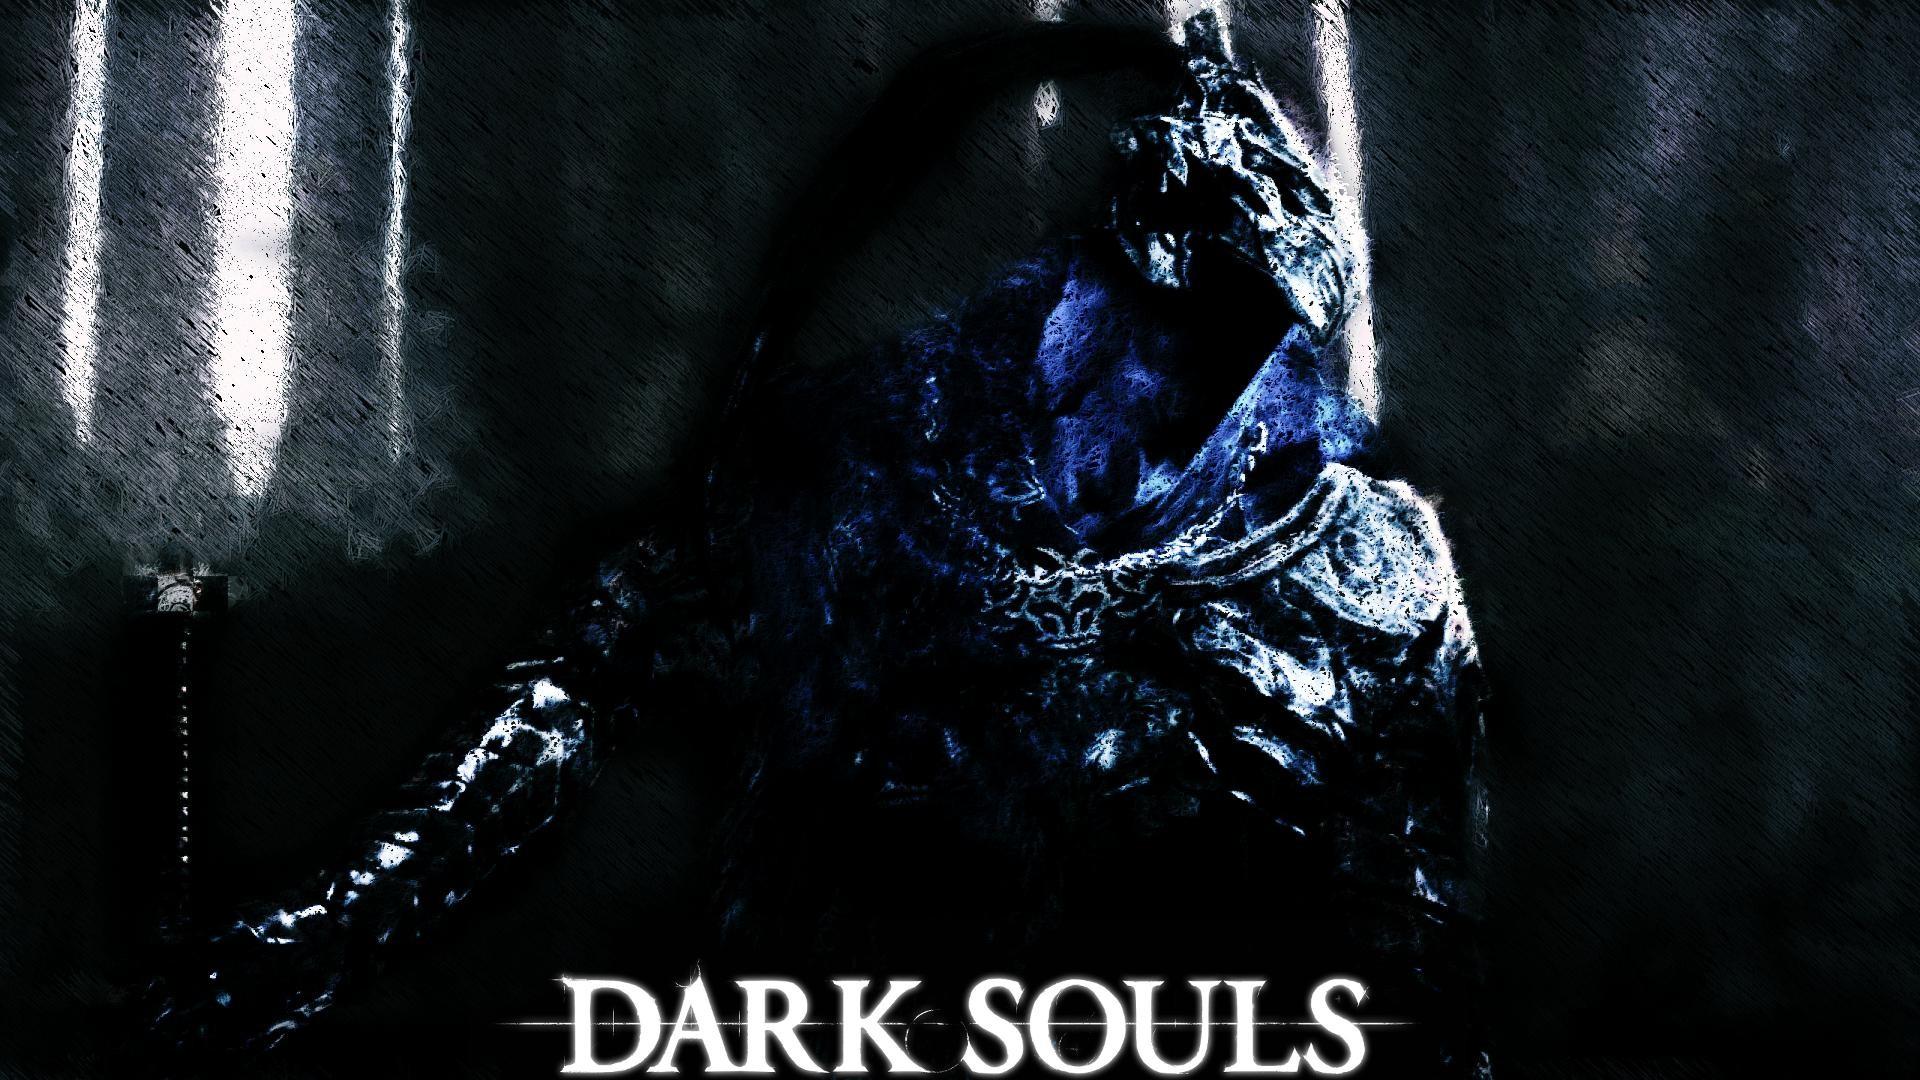 Image – Free-Dark-Souls-Games-Wallpaper.jpg   Dark Souls Wiki   FANDOM  powered by Wikia